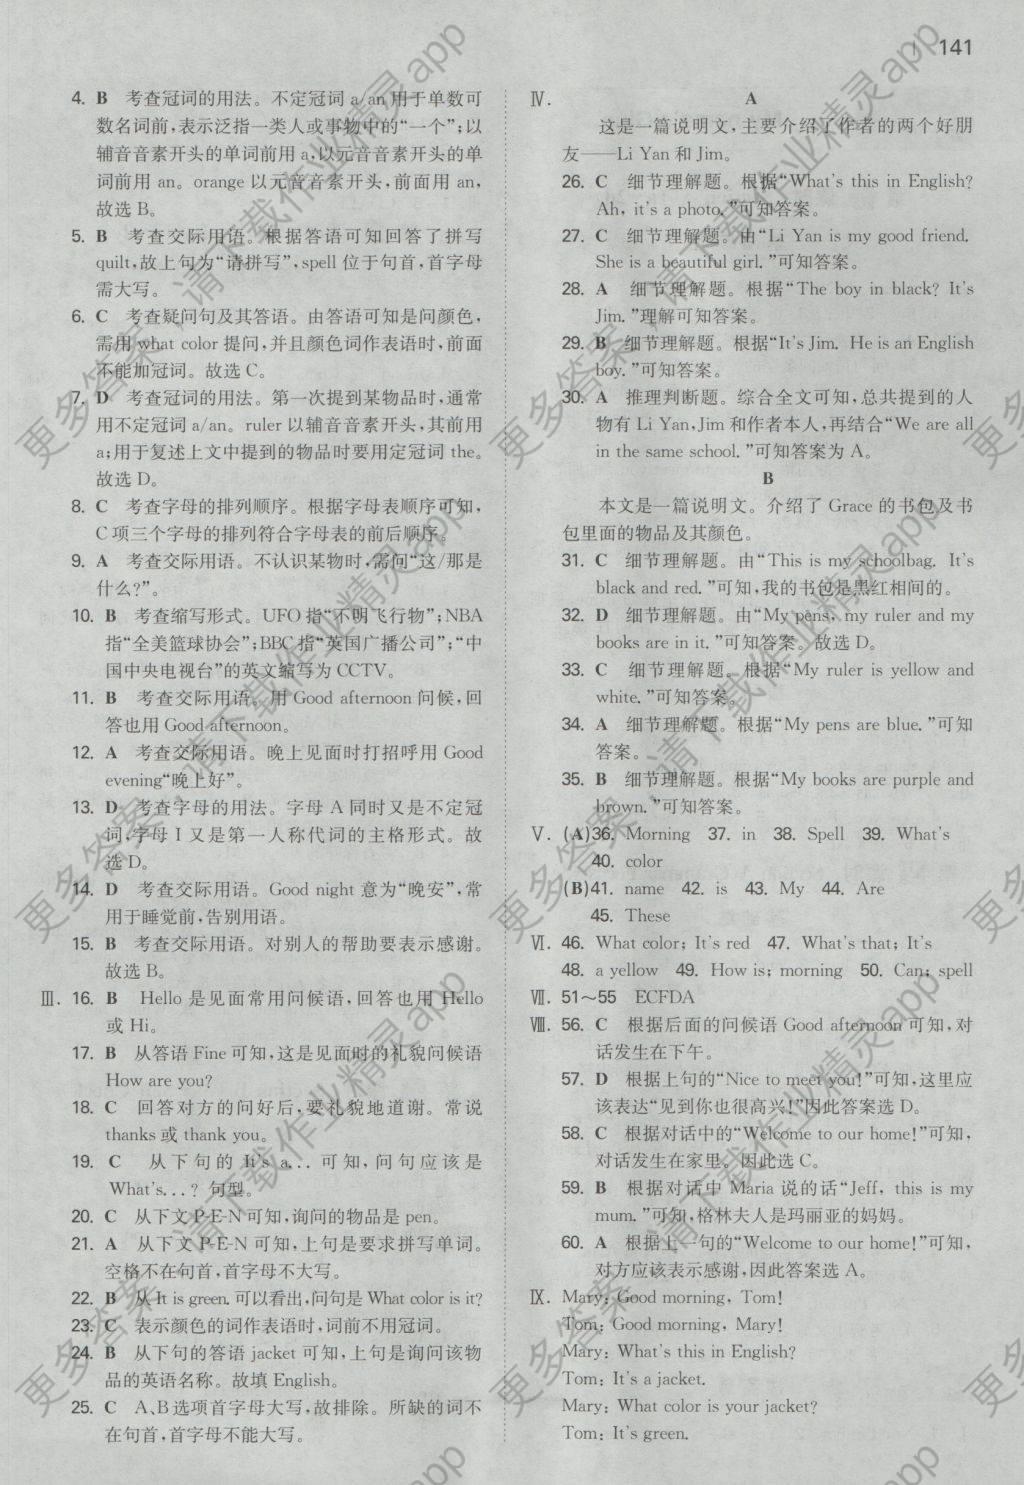 2016年一本初初中语七人教年级上册版中英生活圈答案图片